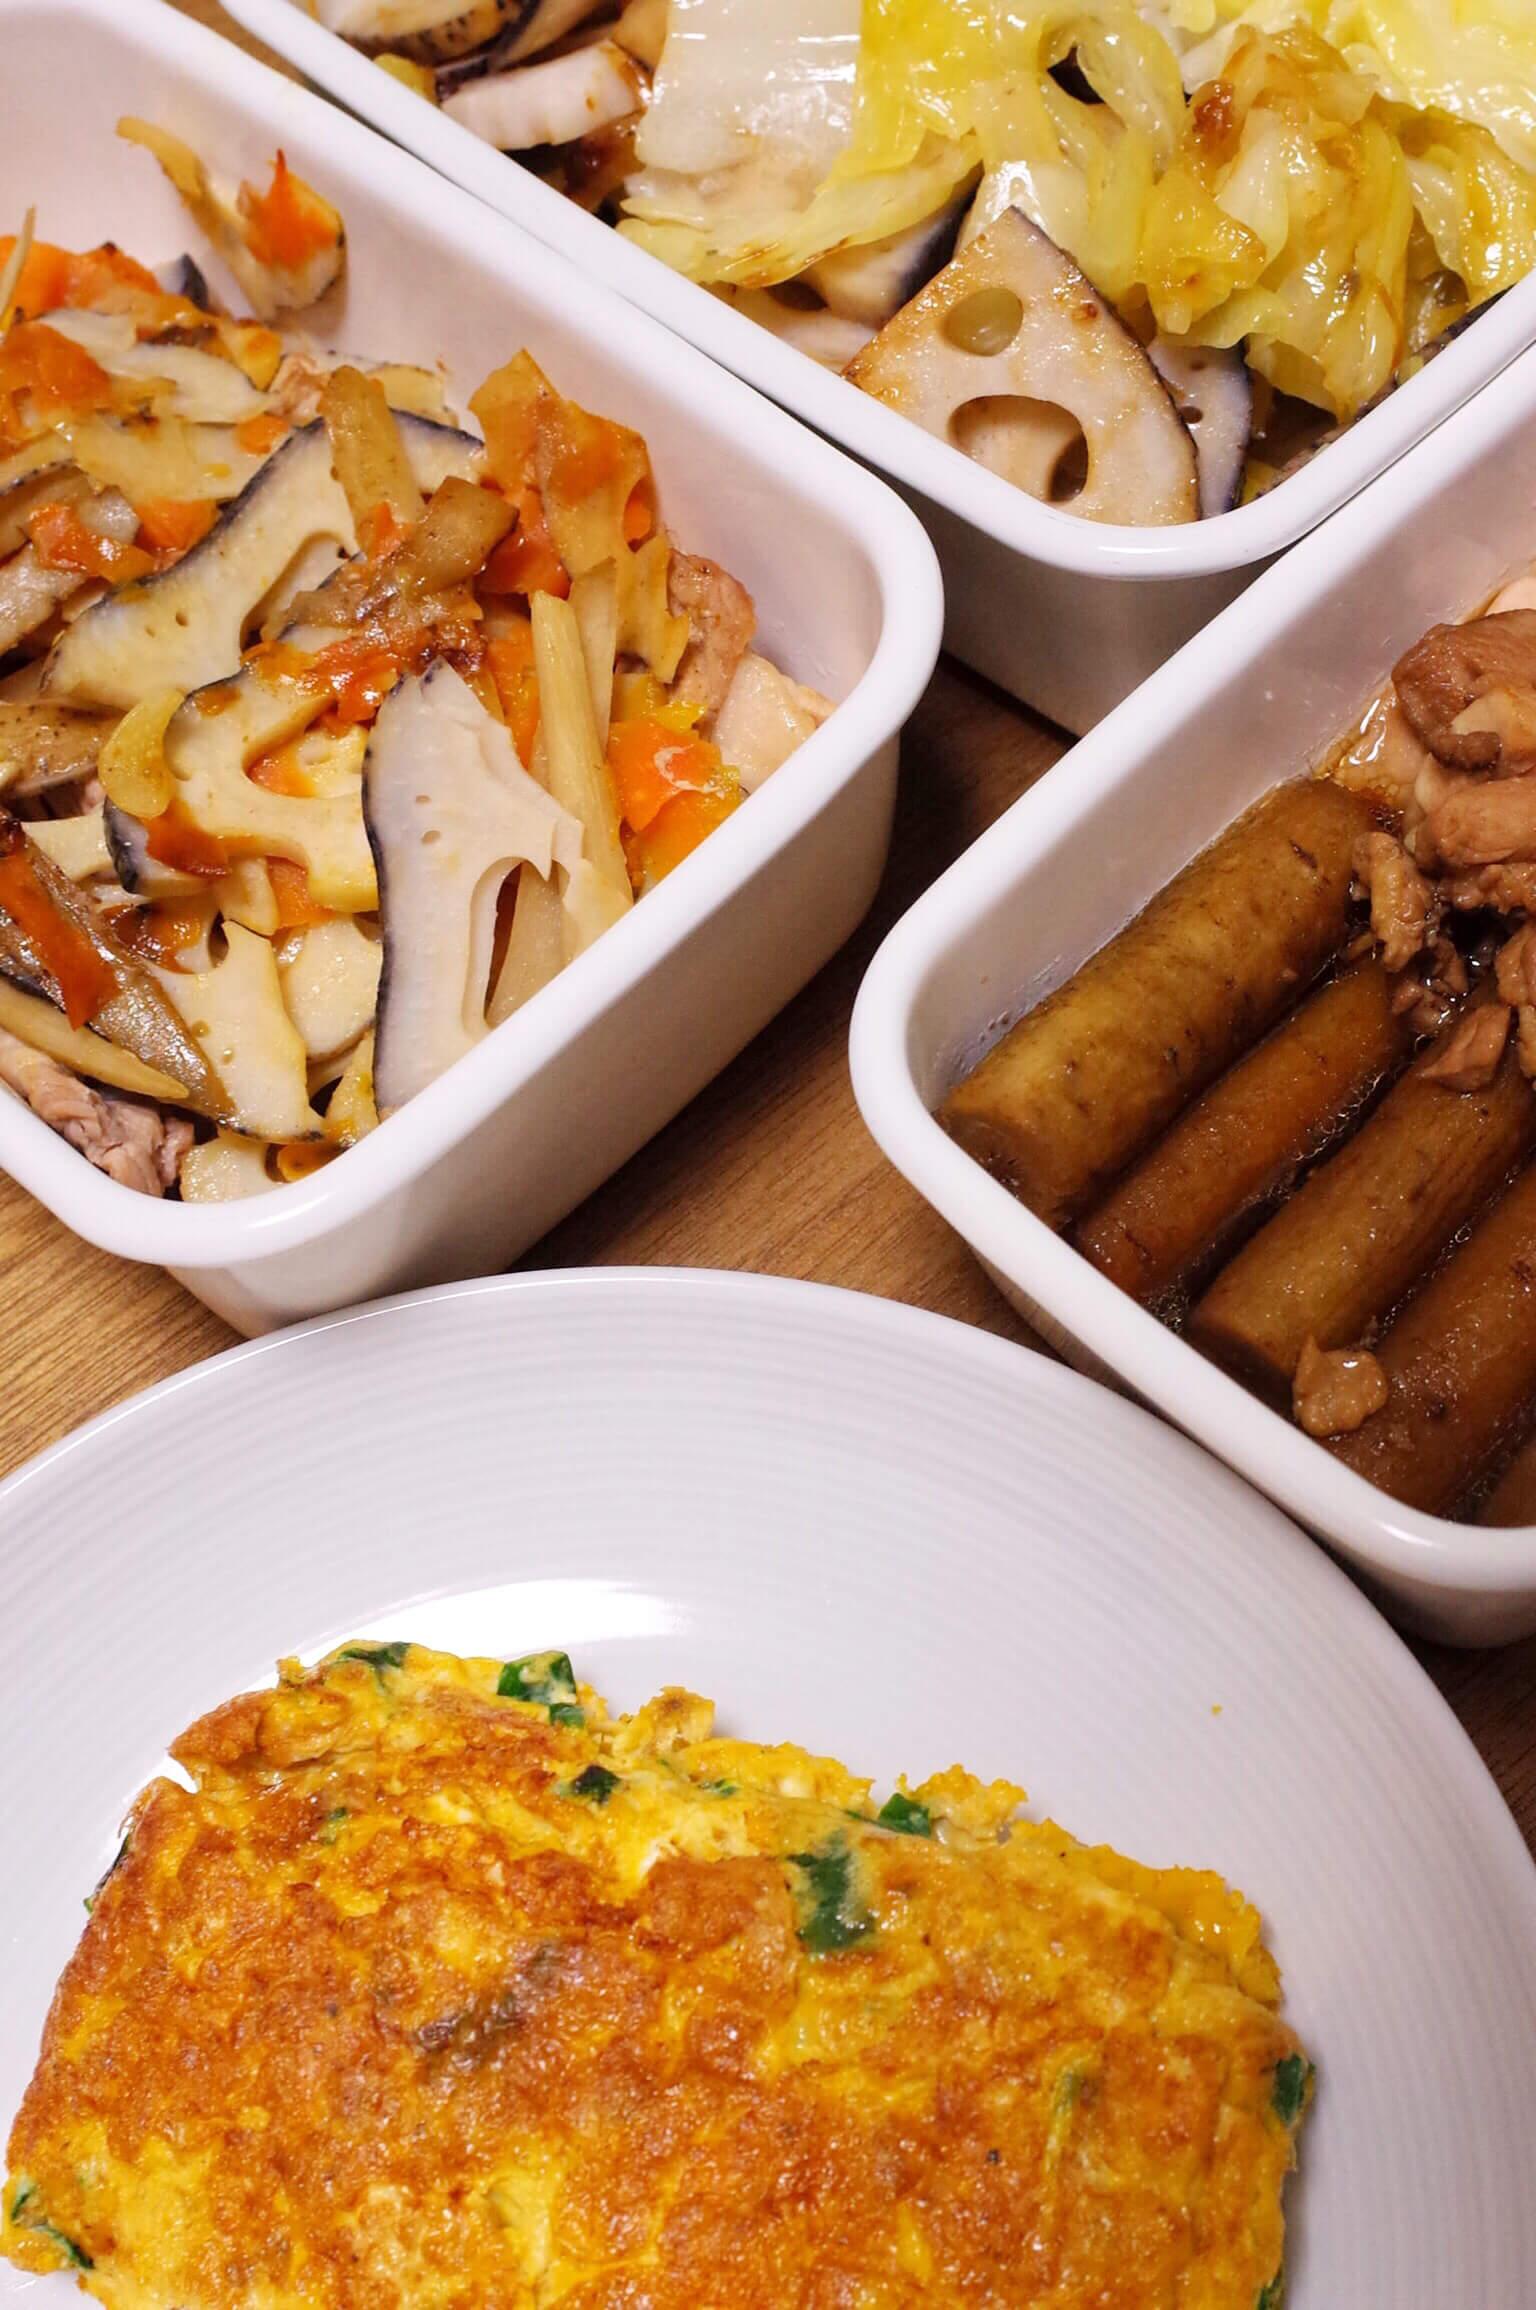 旬の野菜を食べる 2月が旬の食材で常備菜を作る 安くて簡単で美味しいぞ!